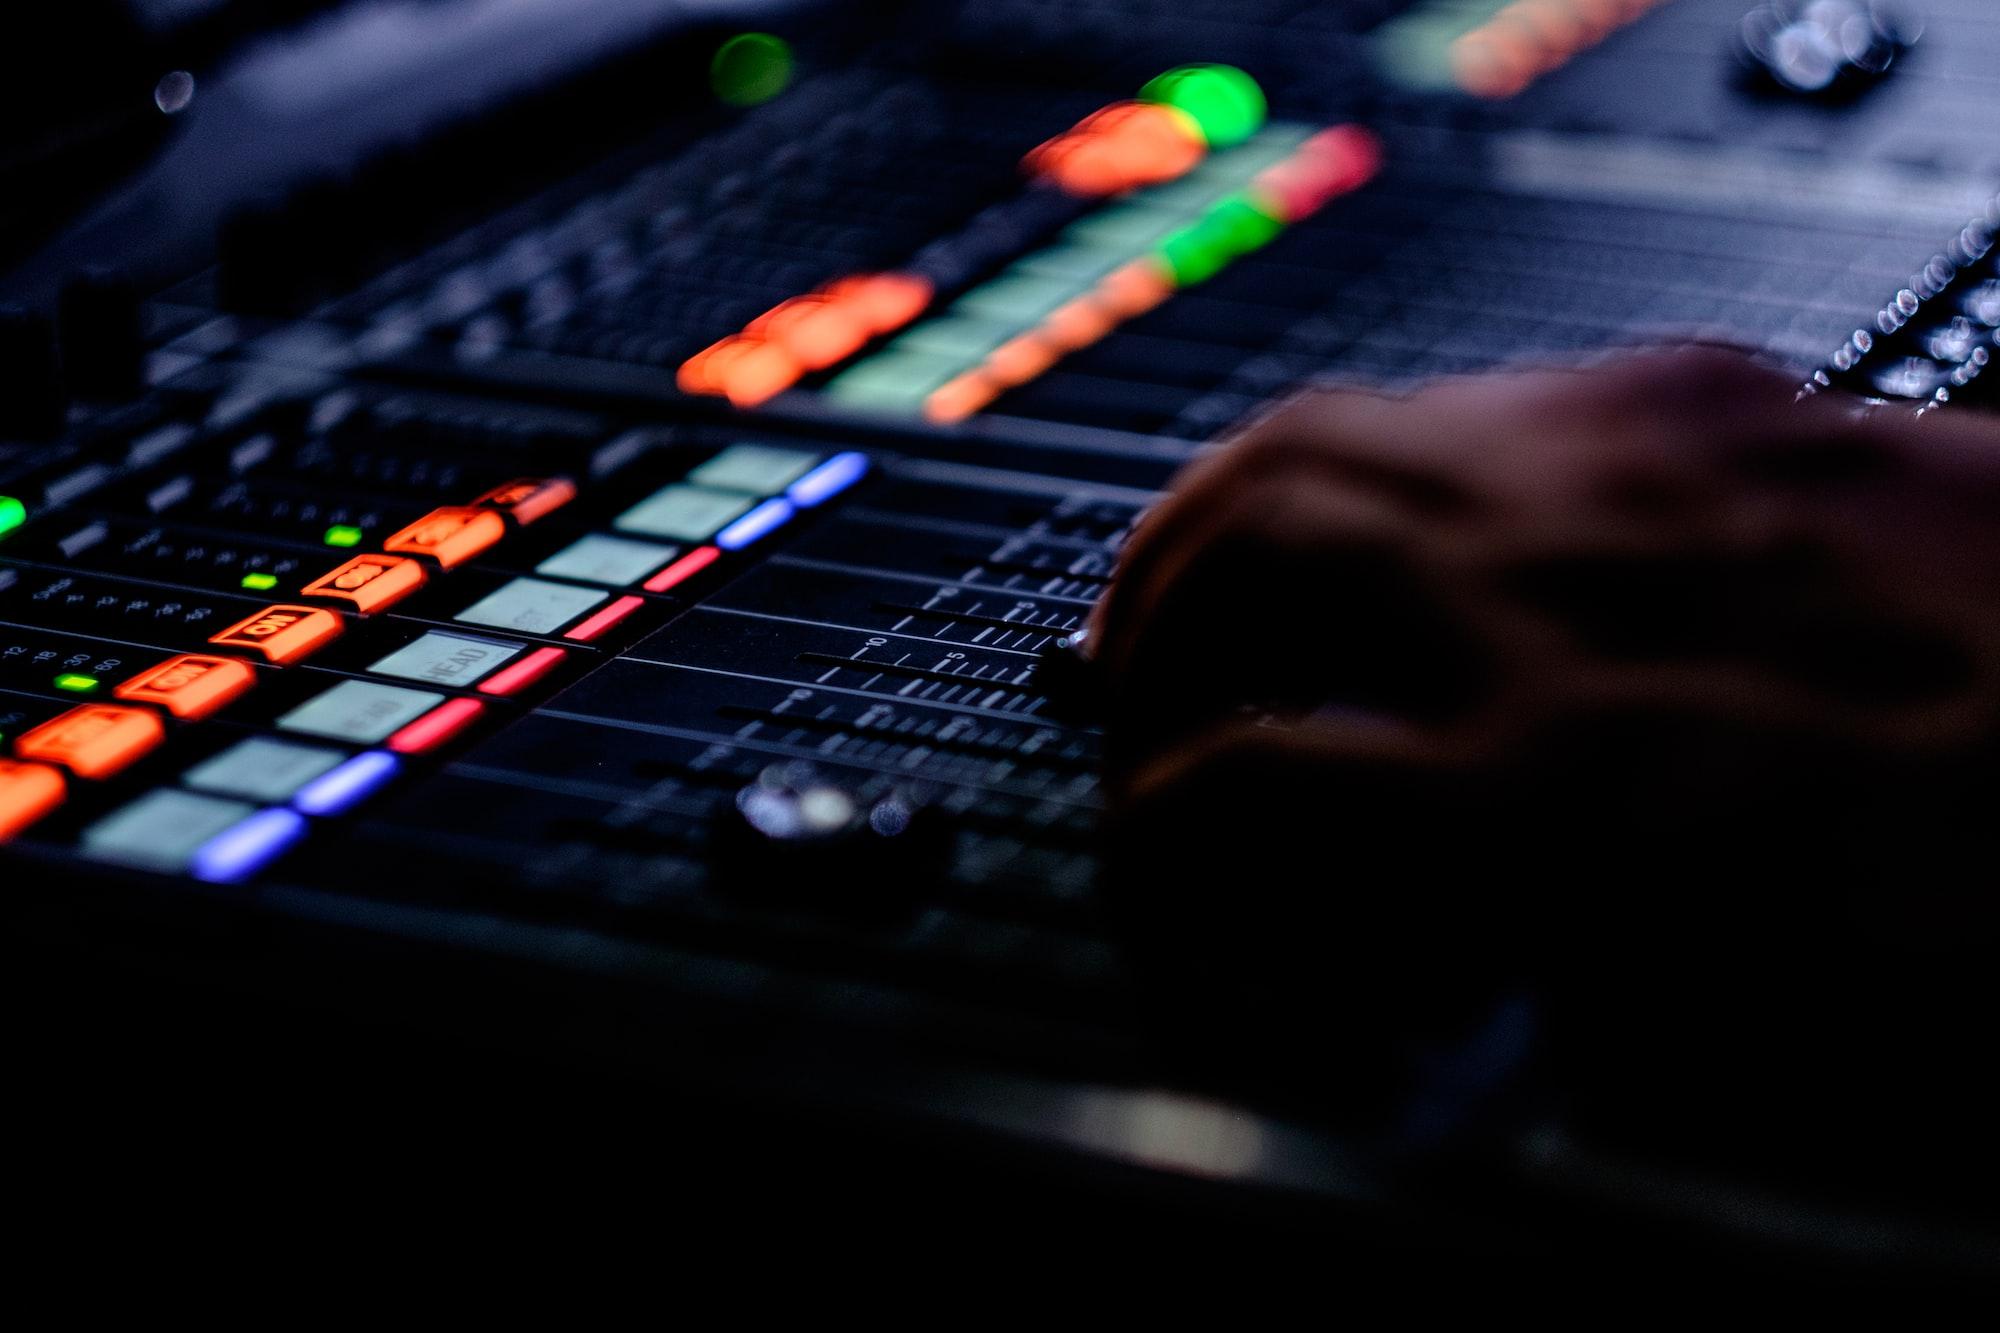 Music Tech Conferences - Q3/Q4 2021